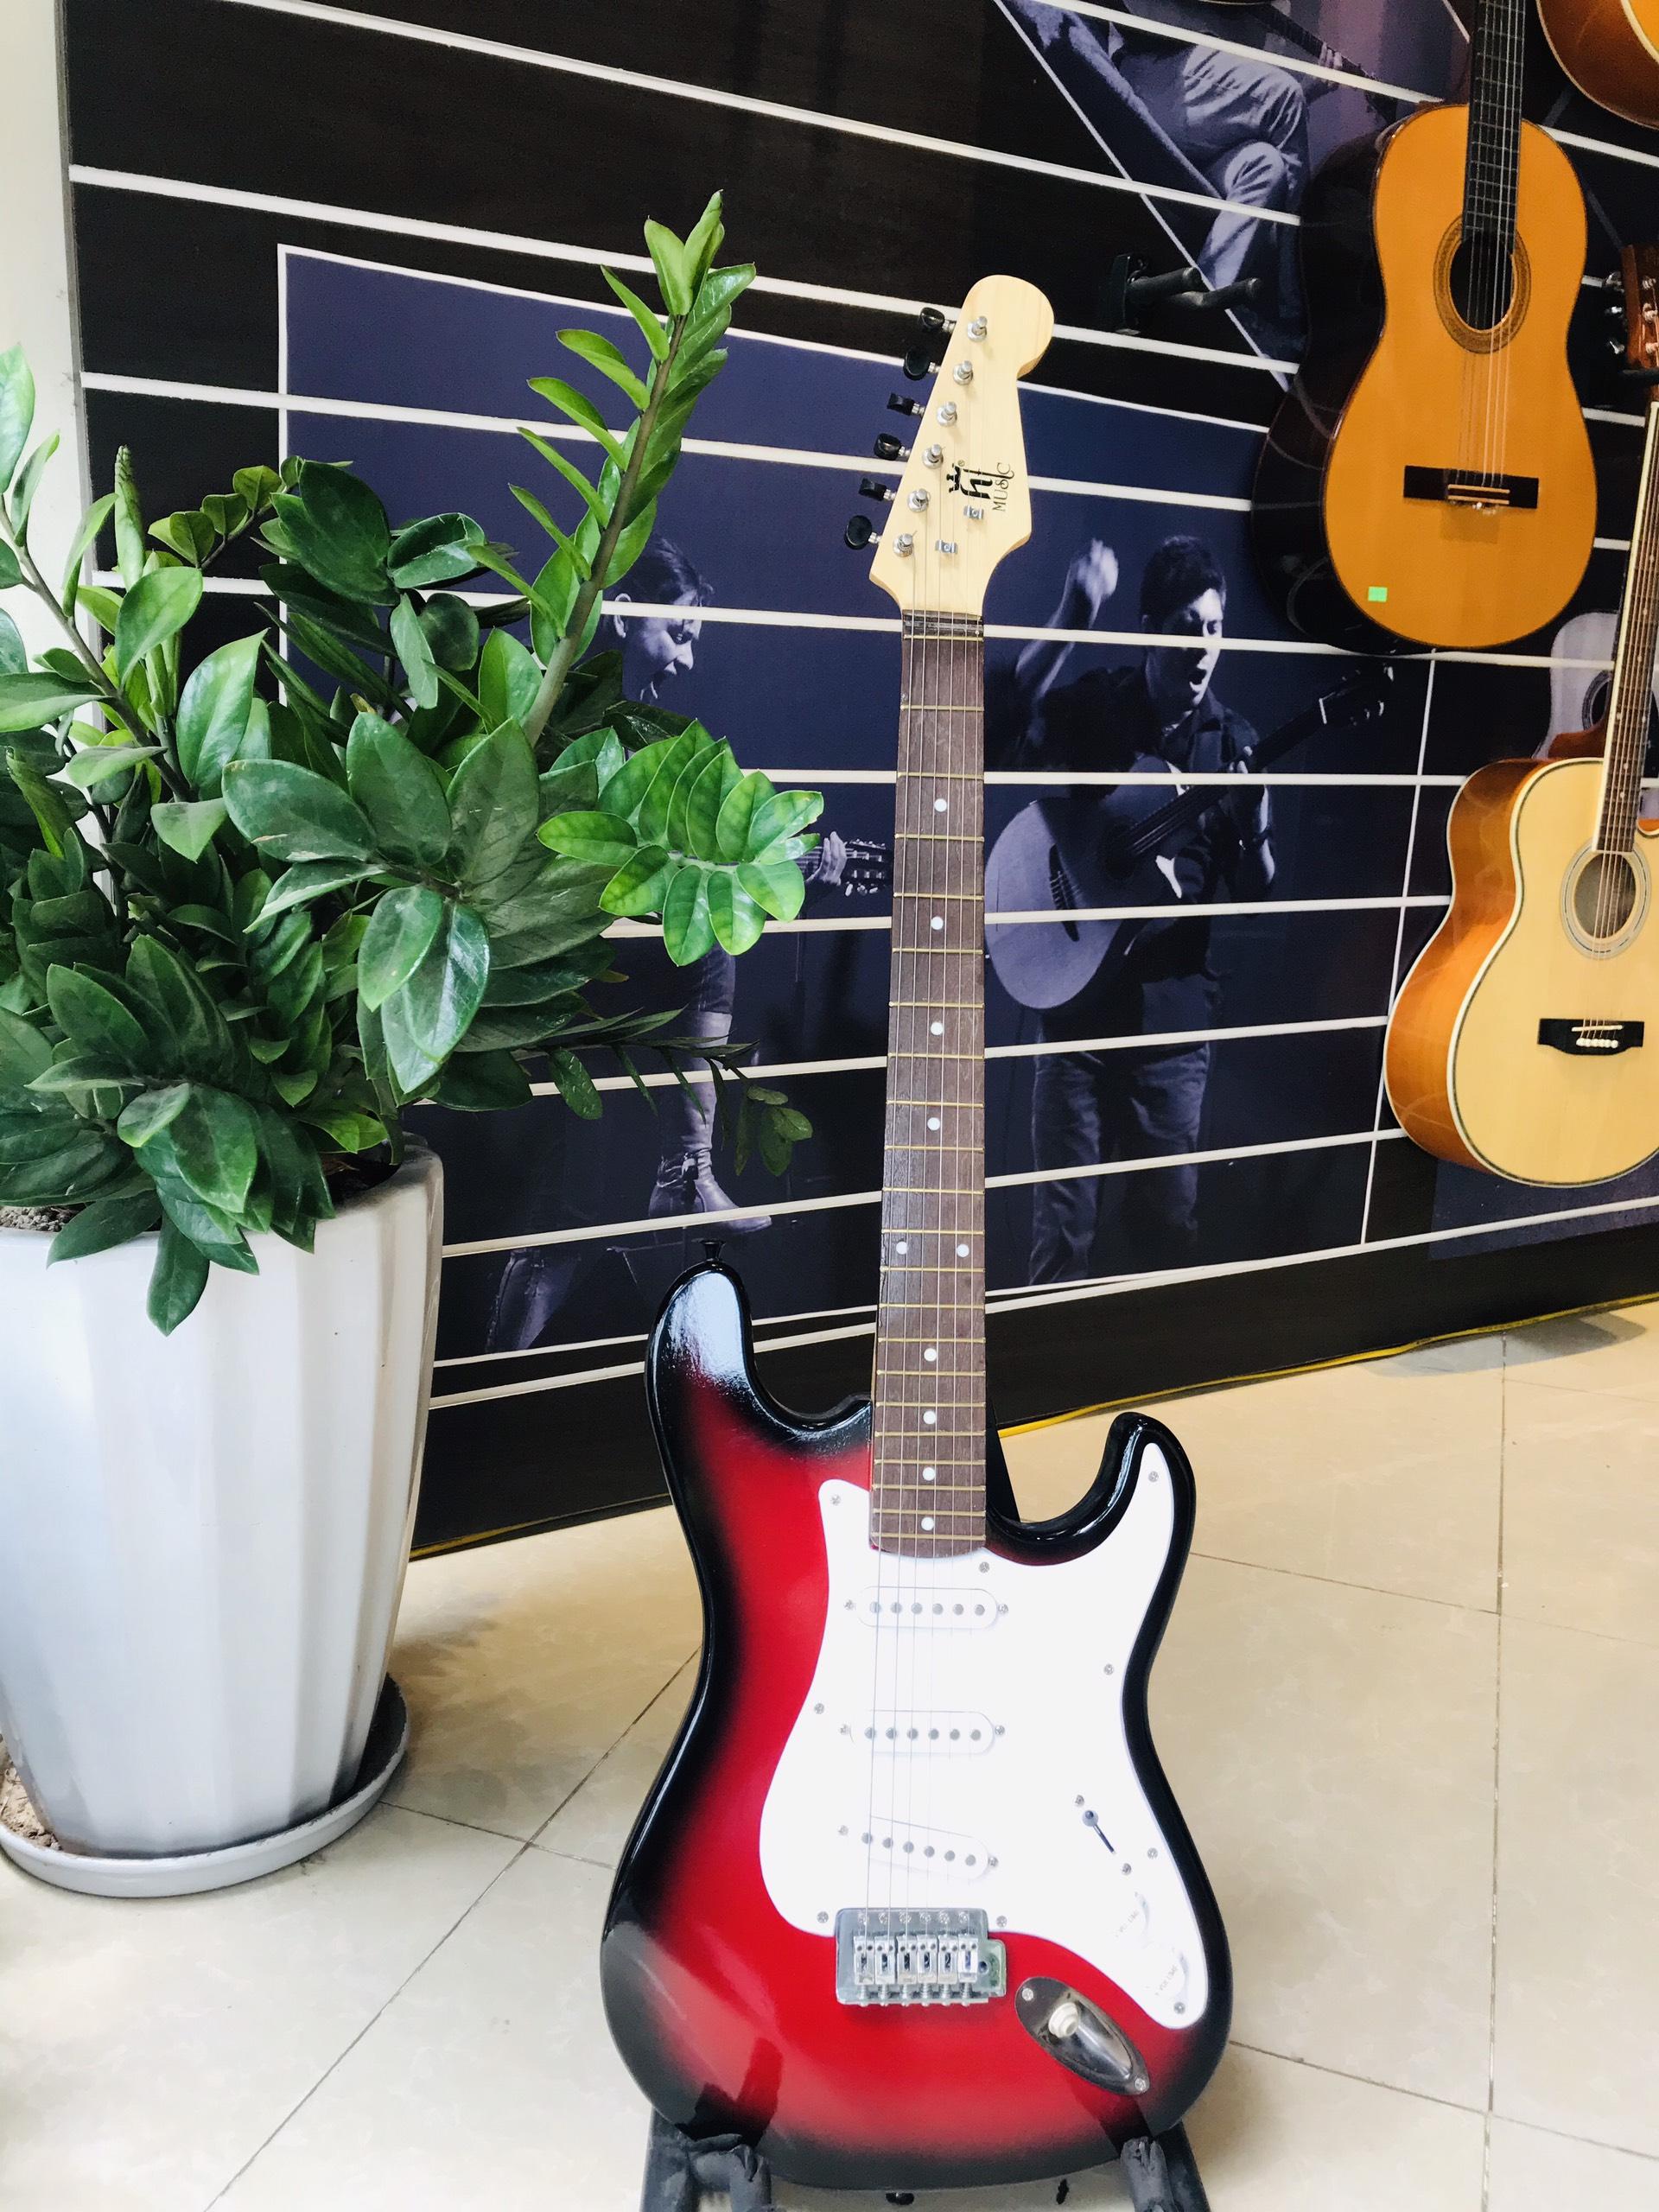 Đàn Guitar Điện HT Music - Thế giới nhạc cụ nhập khẩu chính hãng